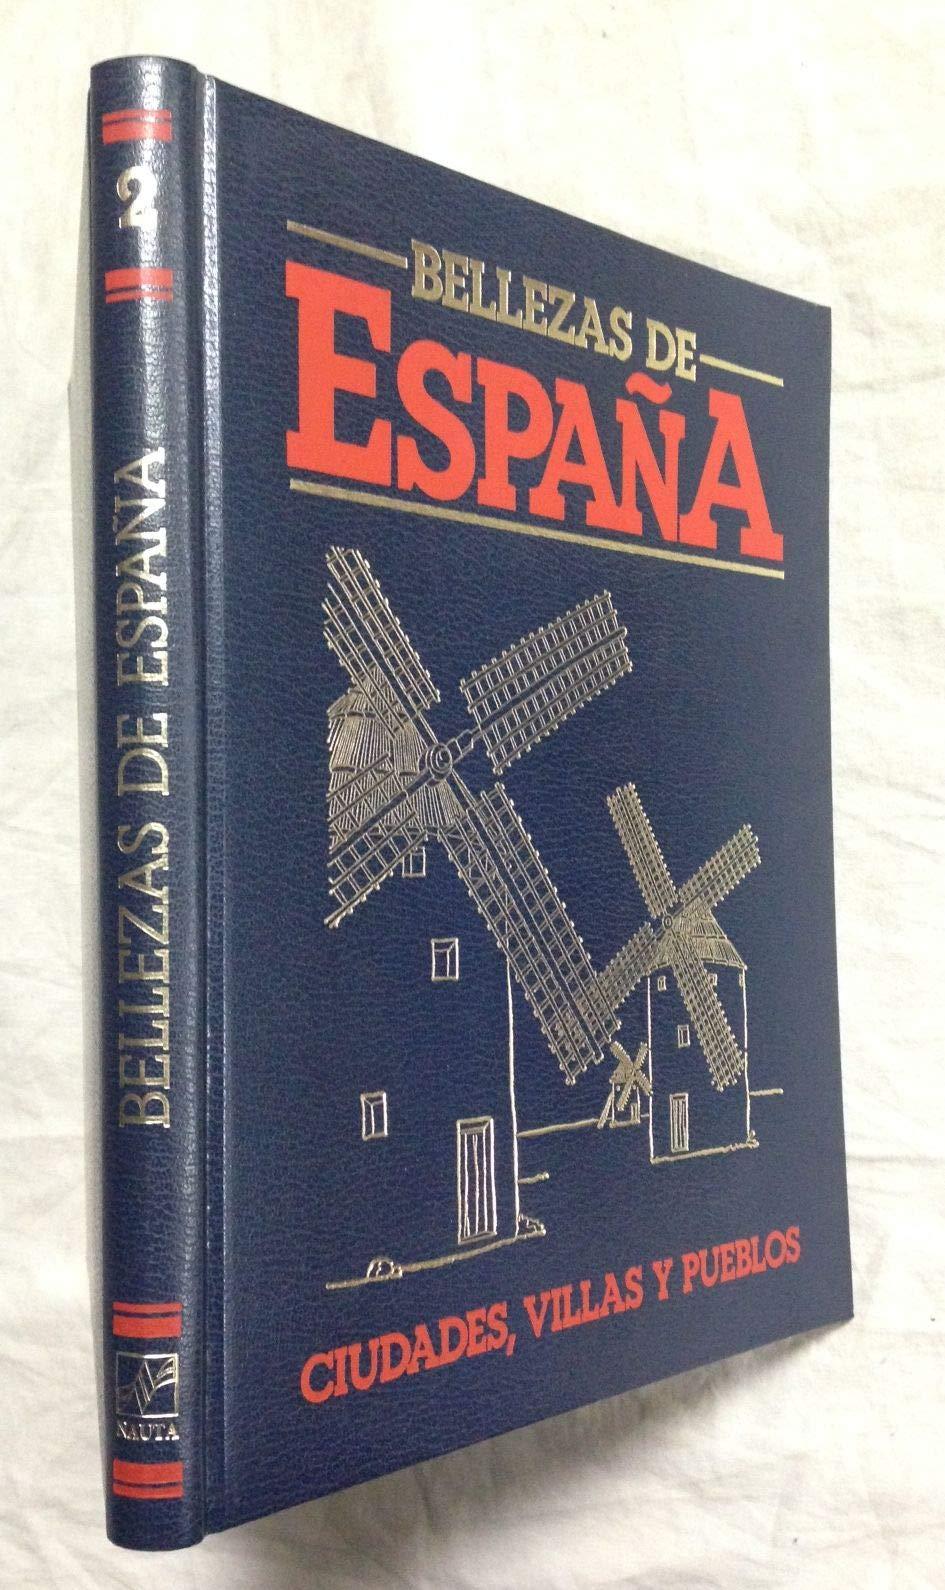 BELLEZAS DE ESPAÑA. Ciudades, villas y pueblos. Tomo 2.: Amazon.es ...